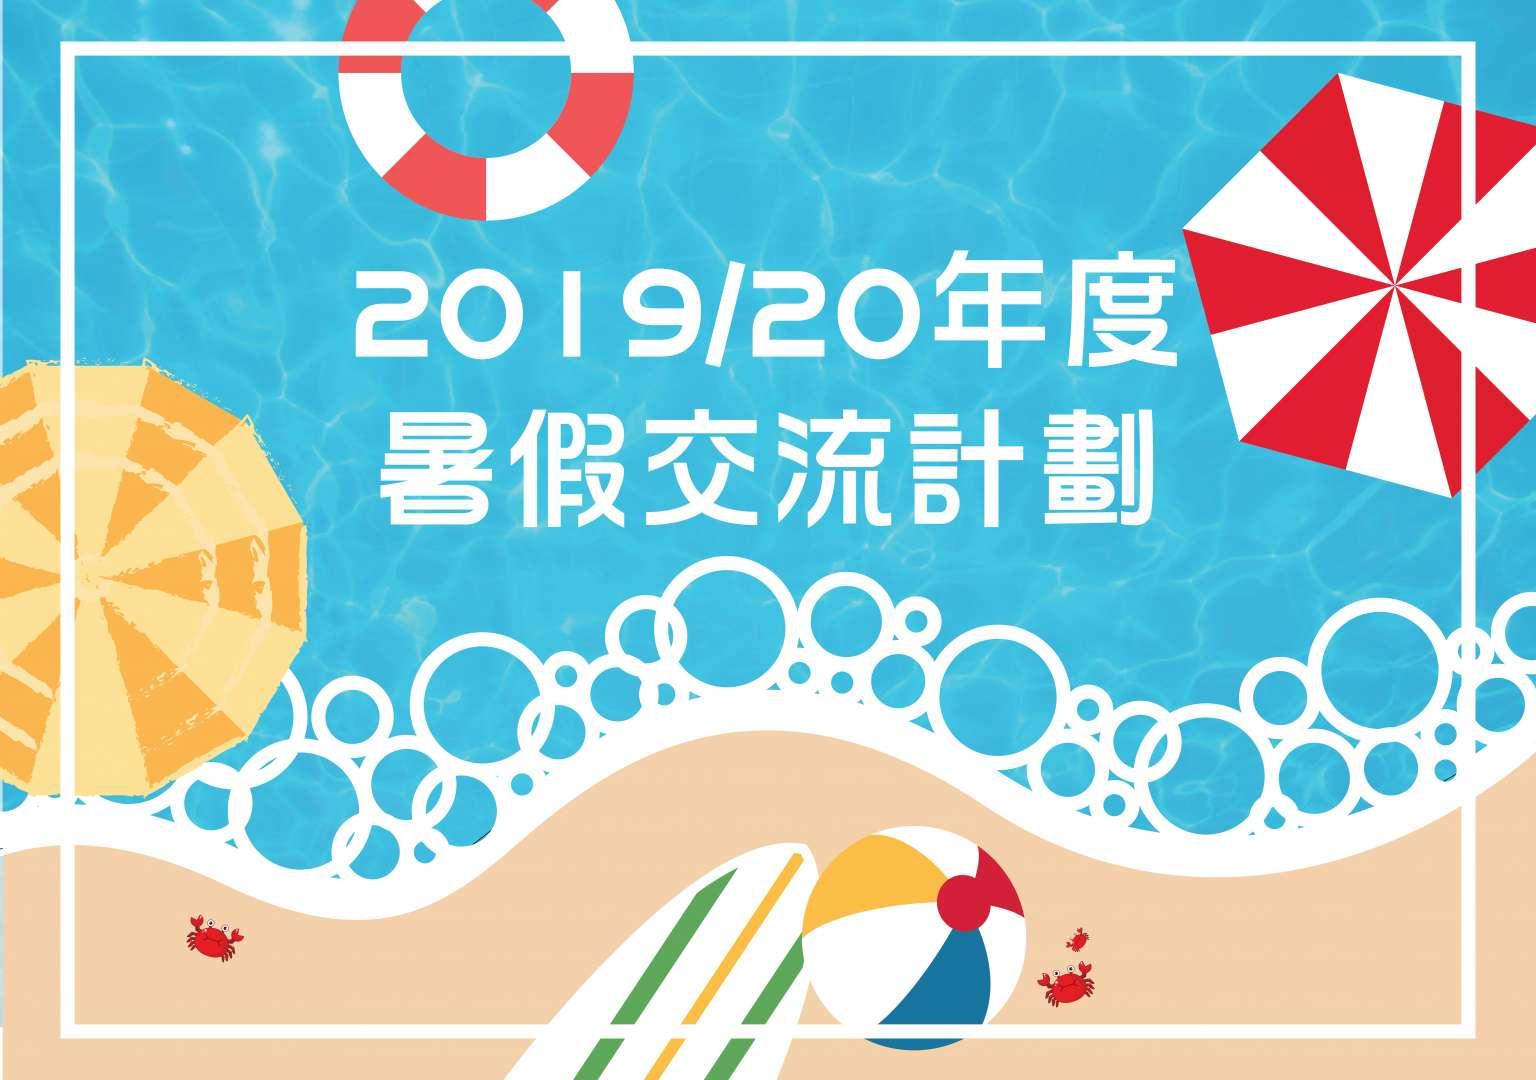 2018/20 年度暑假交流計劃